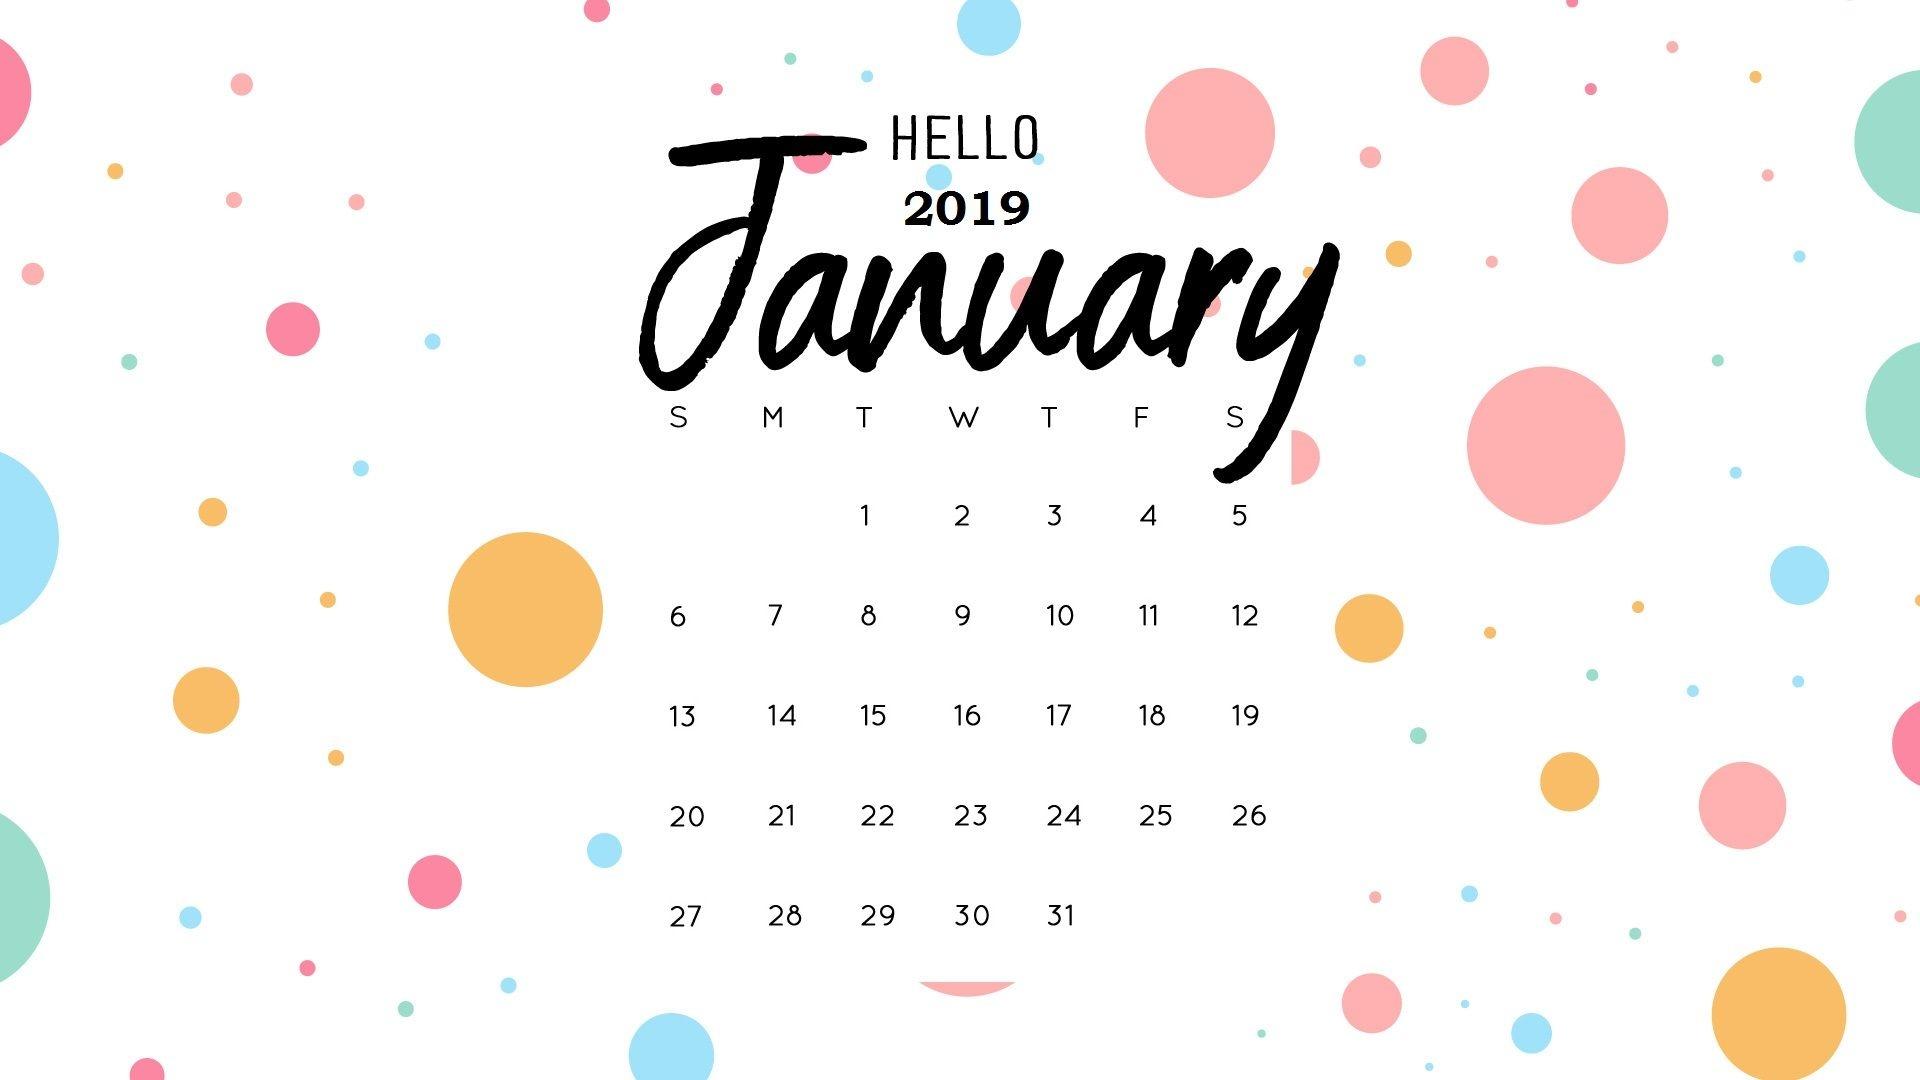 2019 Calendar Wallpaper